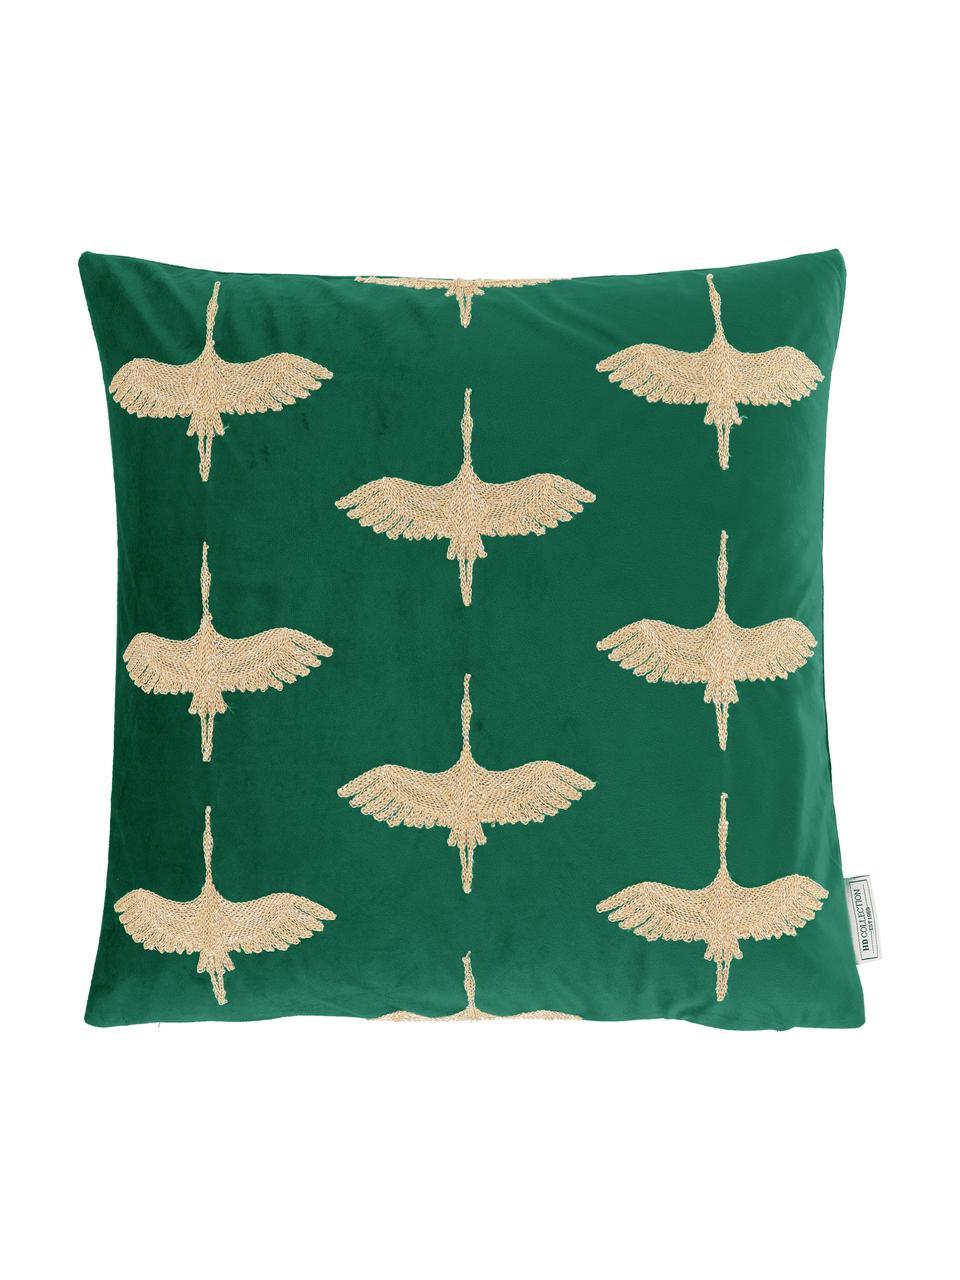 Haftowana poduszka z aksamitu z wypełnieniem Crane, Aksamit poliestrowy, Zielony, odcienie złotego, S 45 x D 45 cm